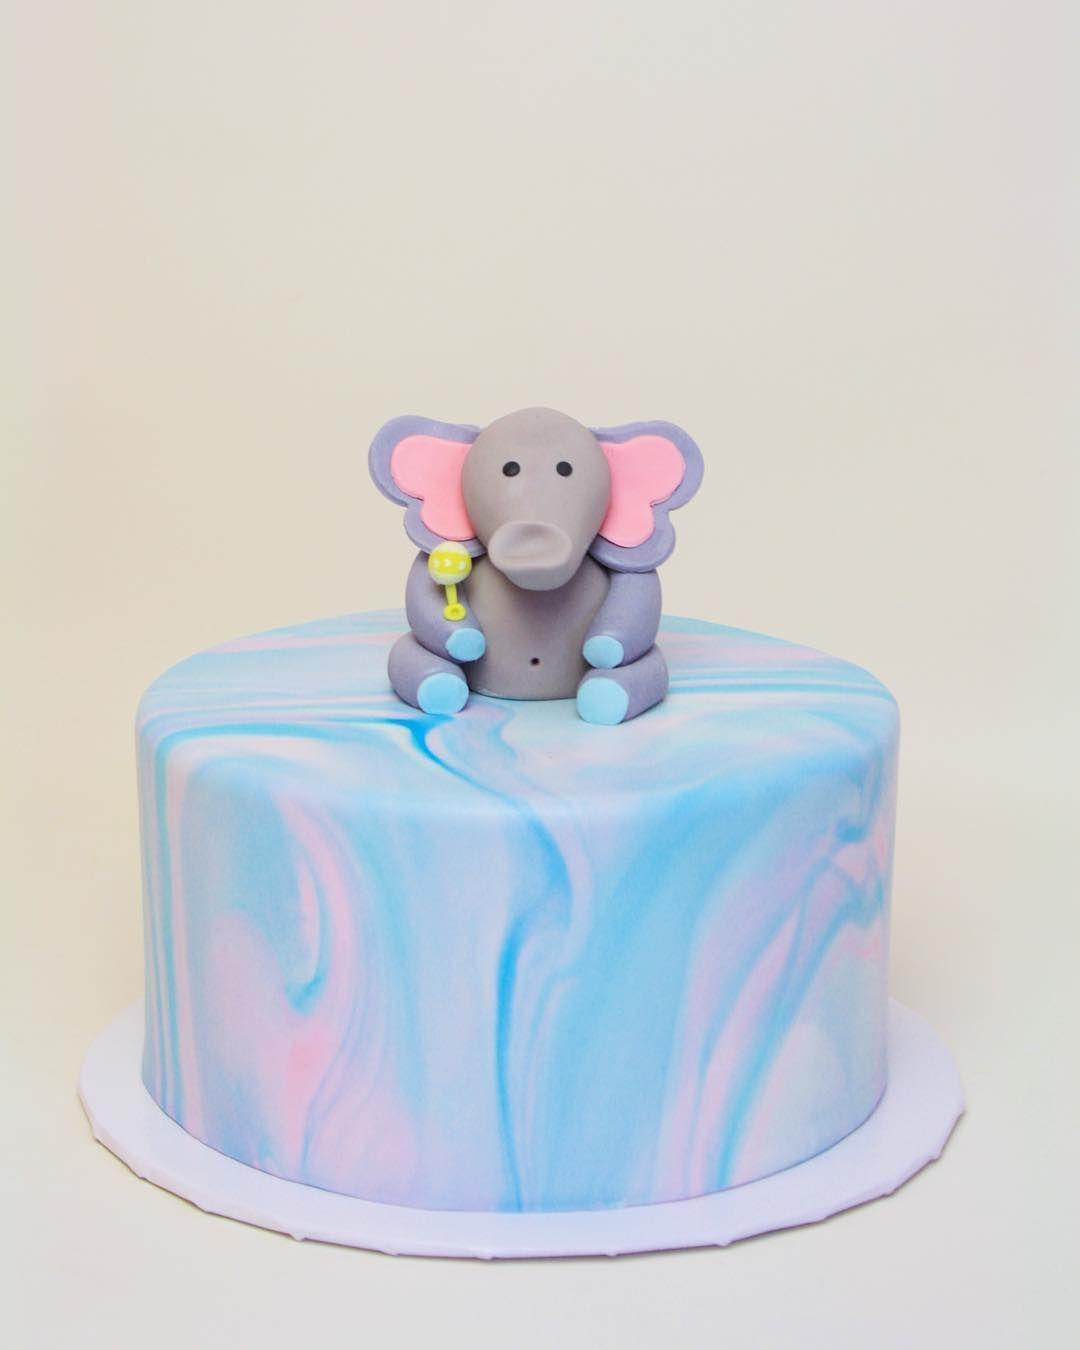 Marbled Gender Reveal Love Fondant Genderreveal Cake Cakes Yummy Yestobutter Buttercakeshop Gender Reveal Cake Gender Reveal Baby Shower Gender Reveal